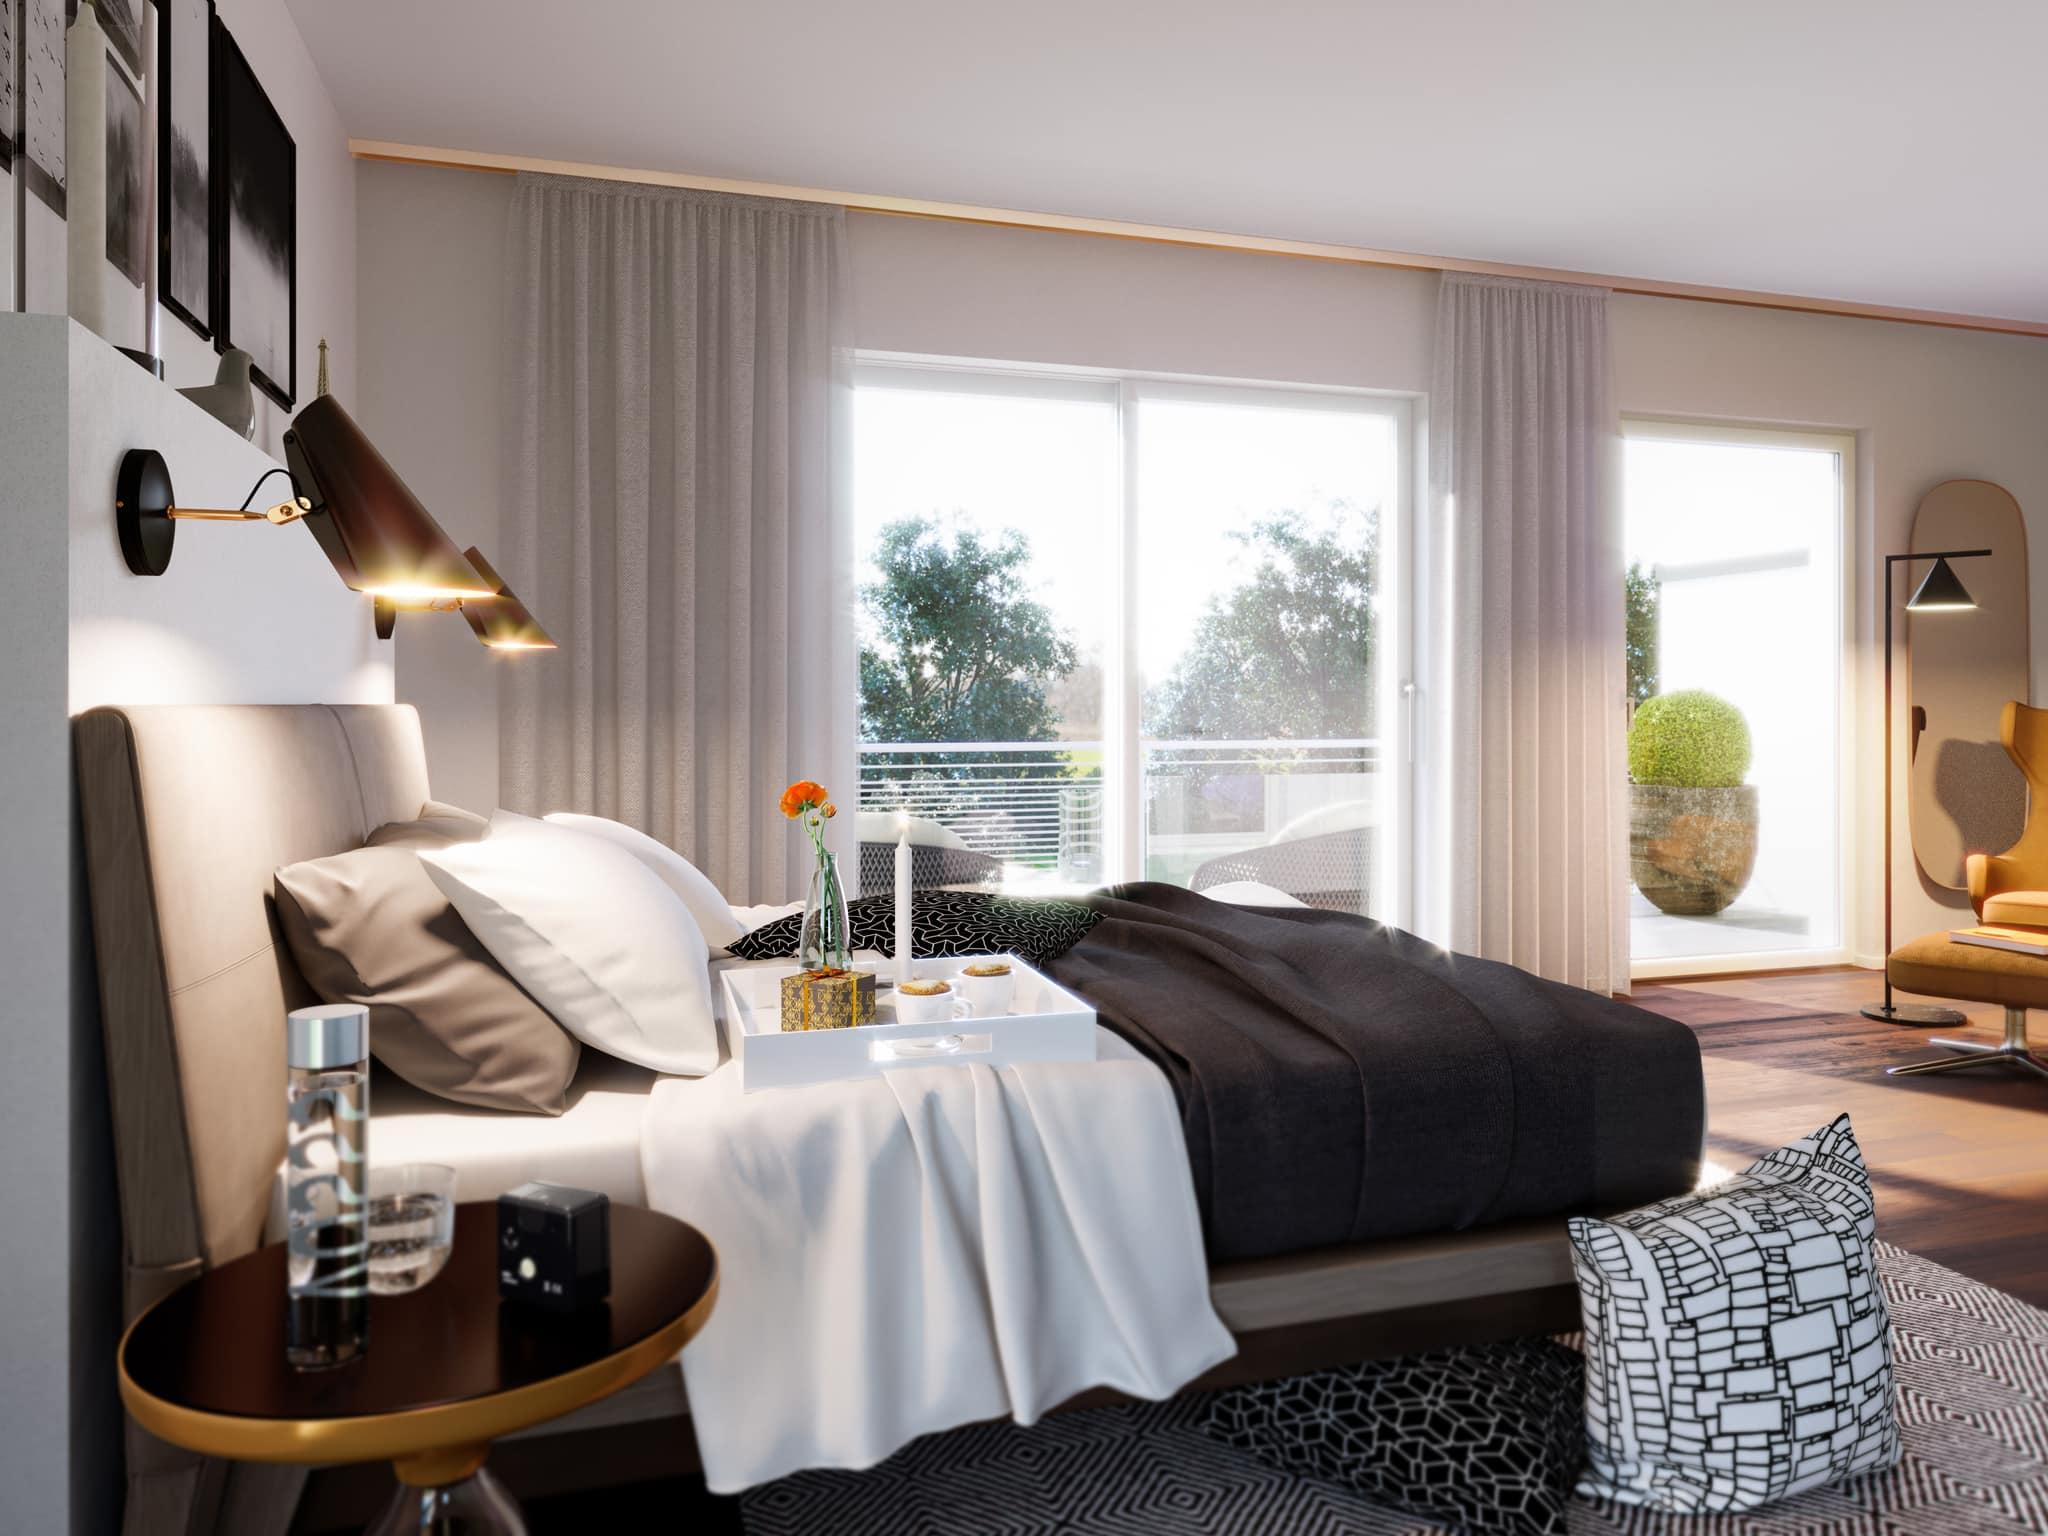 Schlafzimmer Ideen - Inneneinrichtung Doppelhaus Fertighaus Bien Zenker CELEBRATION 122 V7 XL - HausbauDirekt.de